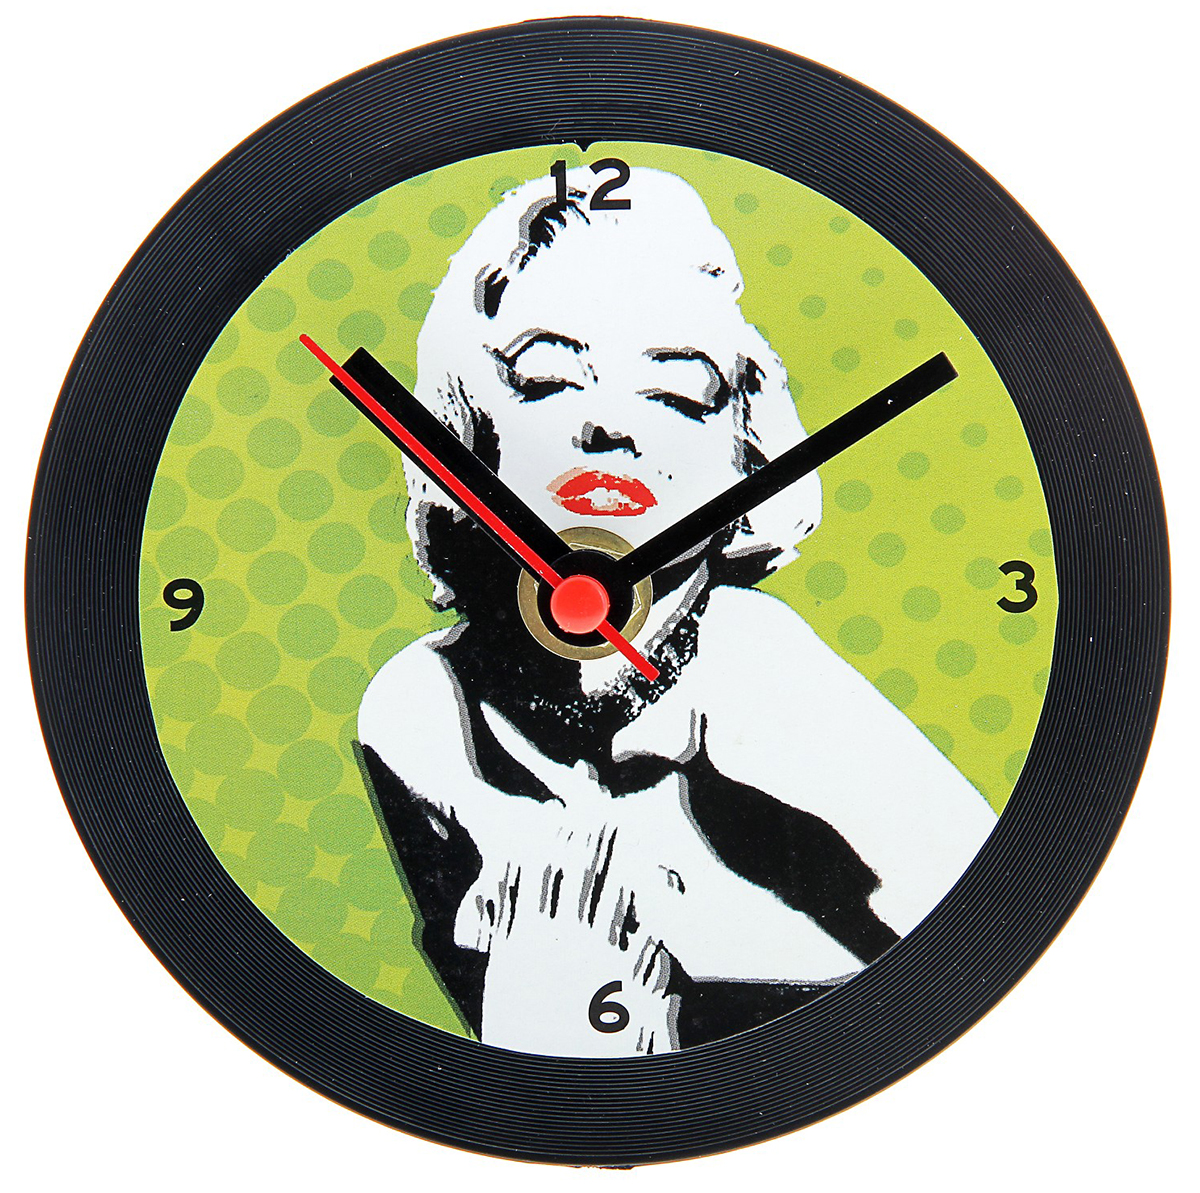 Часы настольные, диаметр 12 см. 760895760895Каждому хозяину периодически приходит мысль обновить свою квартиру, сделать ремонт, перестановку или кардинально поменять внешний вид каждой комнаты. Часы настольные Мэрилин Монро — привлекательная деталь, которая поможет воплотить вашу интерьерную идею, создать неповторимую атмосферу в вашем доме. Окружите себя приятными мелочами, пусть они радуют глаз и дарят гармонию.